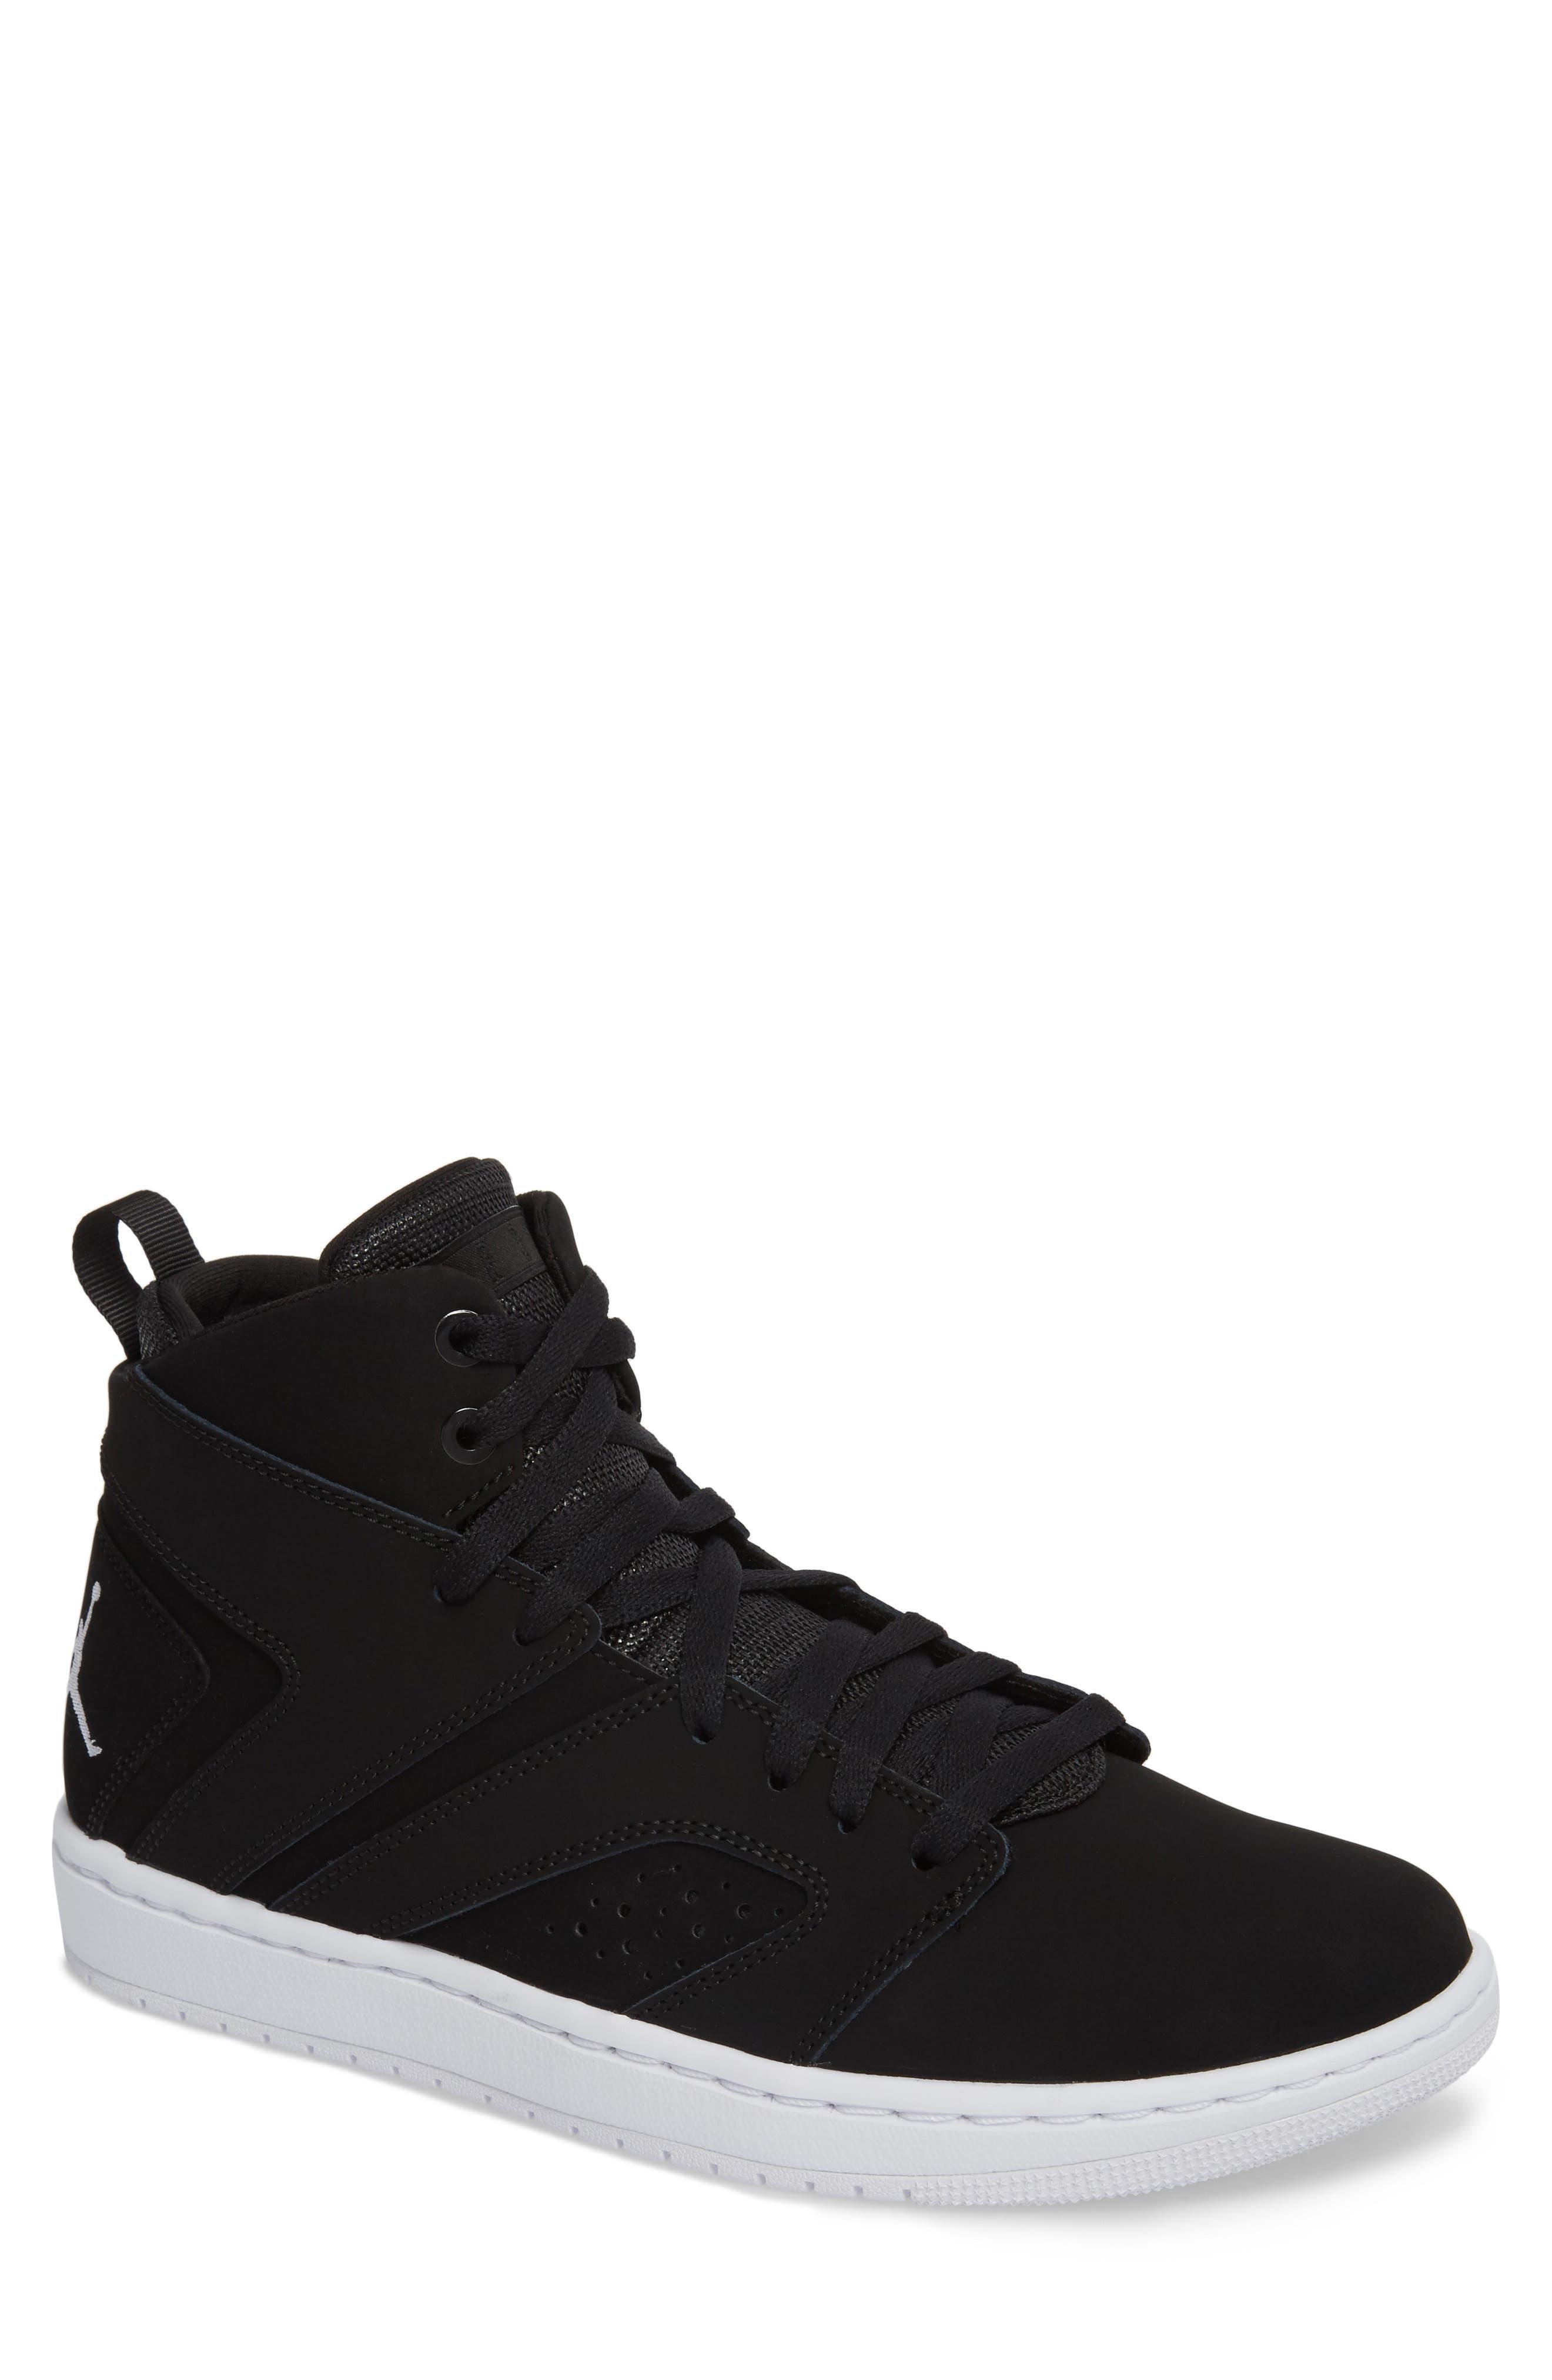 Air Jordan Flight Next Sneaker,                             Main thumbnail 1, color,                             010